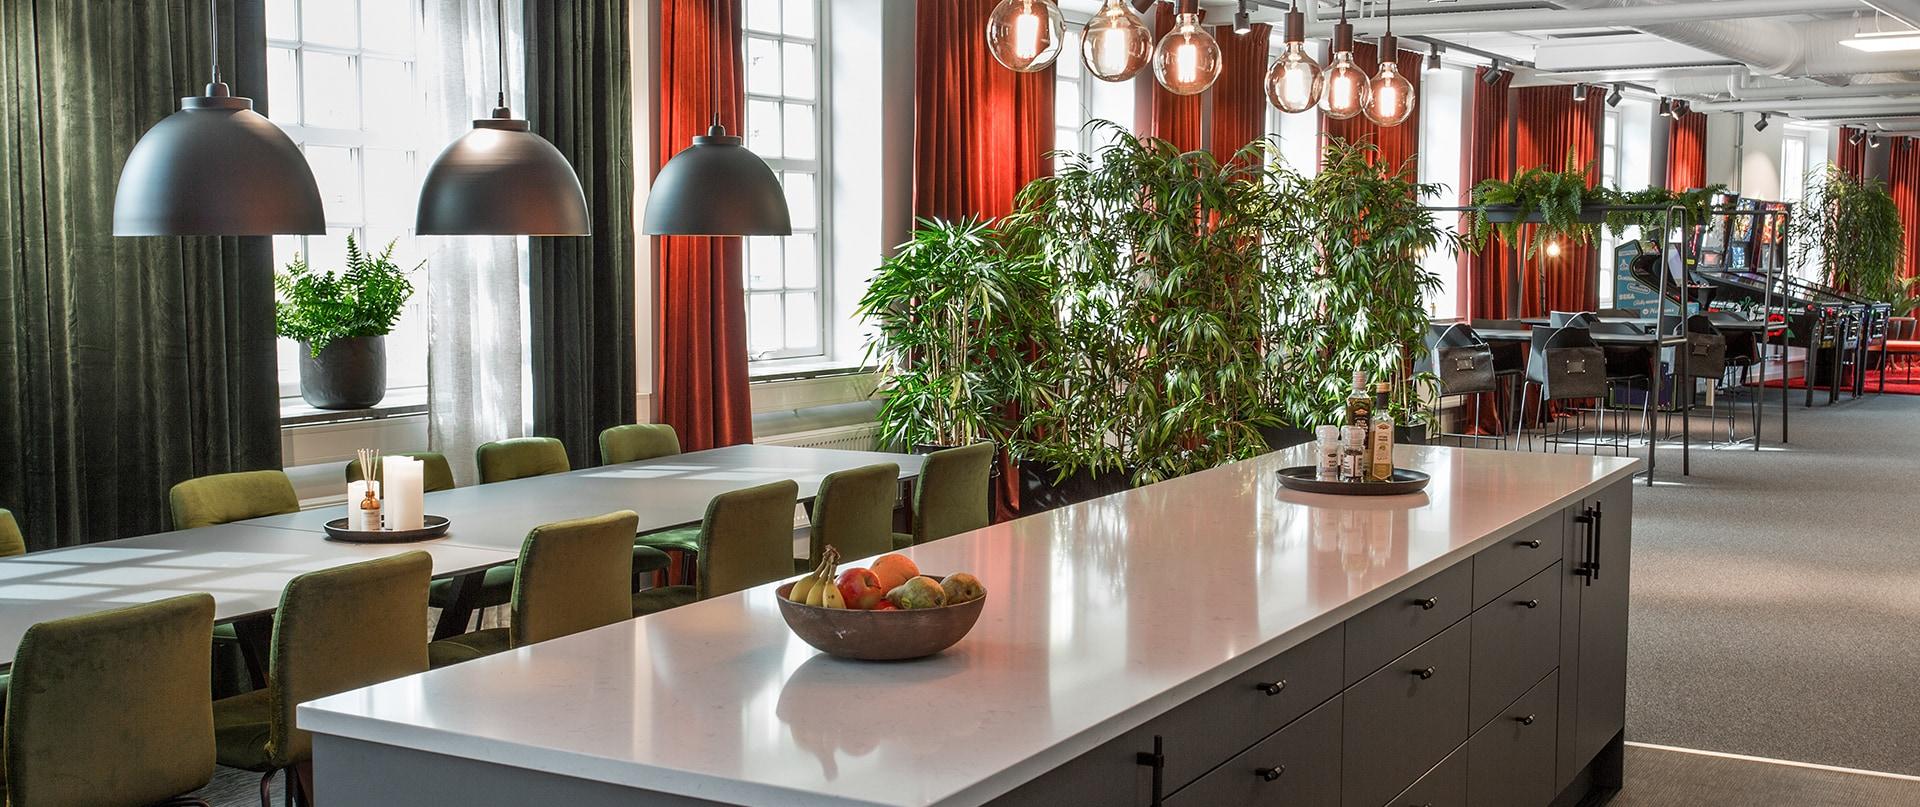 Kök och sällskapsutrymme hos Adwise Mediabyrå